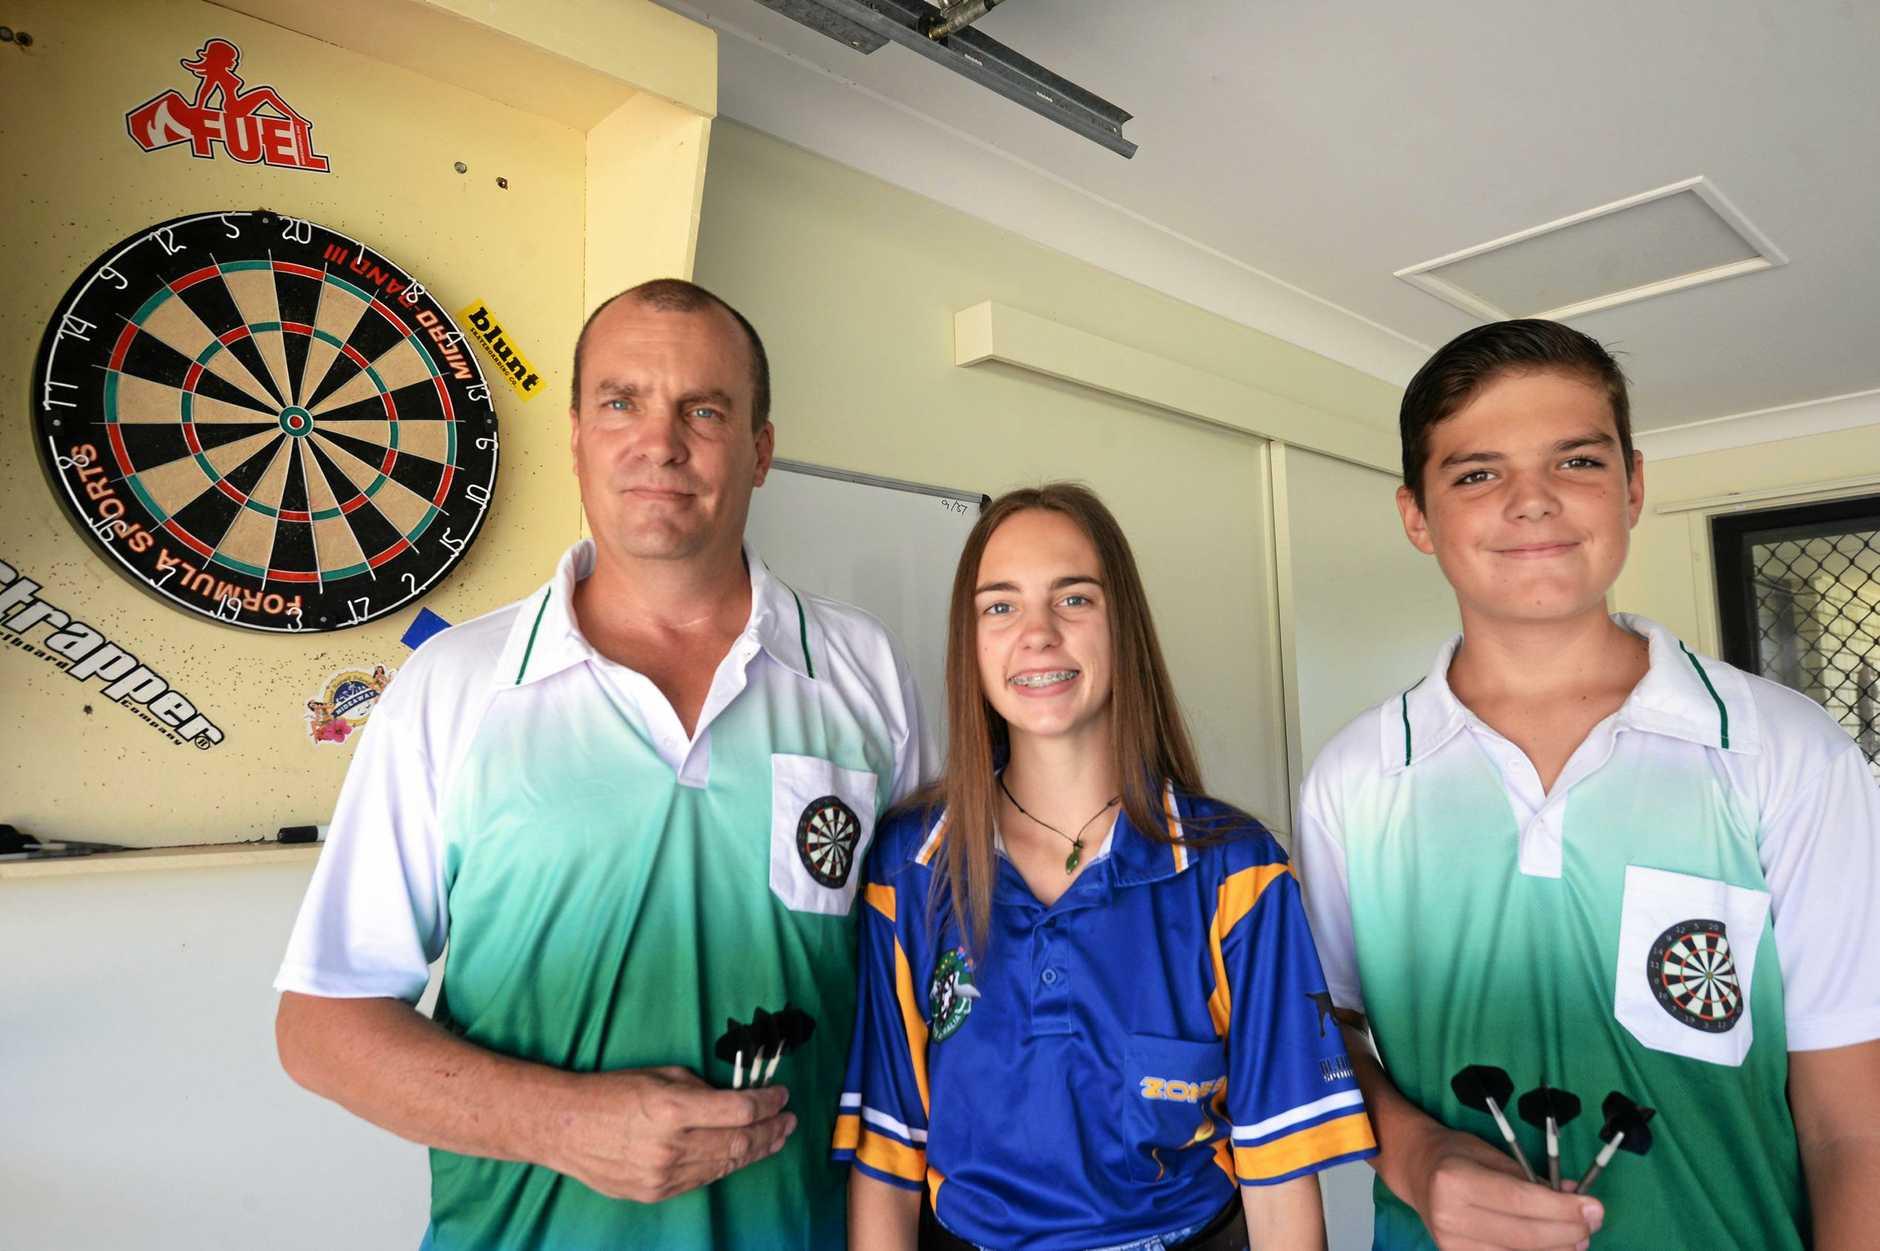 Dean Abbott with his children Taryn and Hayden.